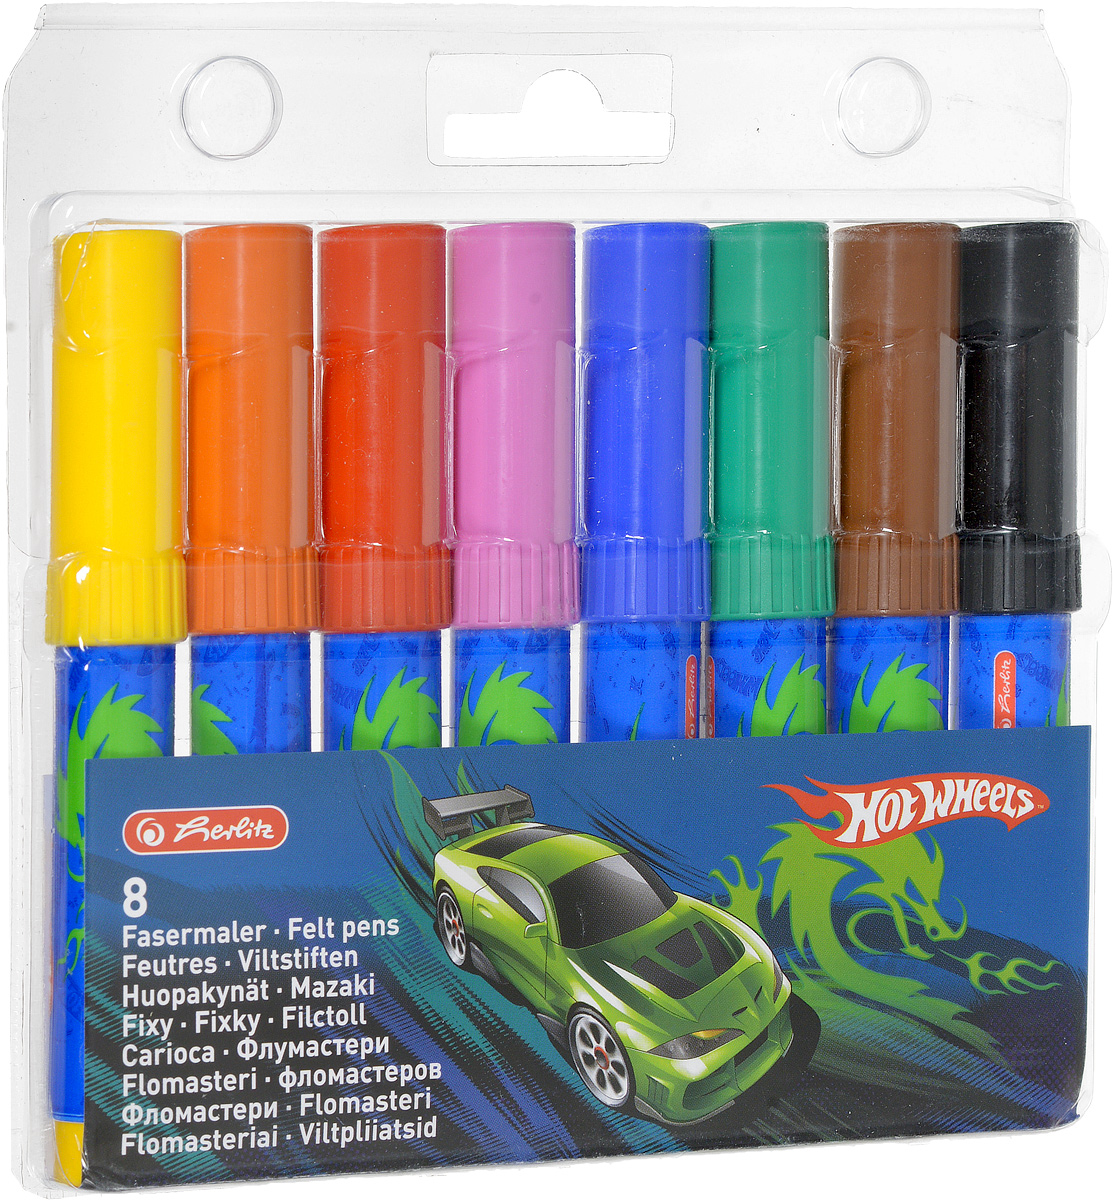 Herlitz Набор фломастеров Hot Wheels 8 цветов72523WDНабор фломастеров Herlitz  Hot Wheels- это 8 фломастеров ярких насыщенных цветов.Фломастеры оснащены вентилируемым колпачком, а корпус изготовлен из прочного пластика. Фломастеры устойчивы к вдавливанию и имеют цилиндрический пишущий узел.Когда ваш юный художник будет рисовать, то можете не беспокоиться, чернила этих фломастеров совершенно безопасны для здоровья вашего малыша. Набор фломастеров от Herlitz обязательно порадует не только вашего малыша, но и вас.Рекомендуемый возраст от трех лет.